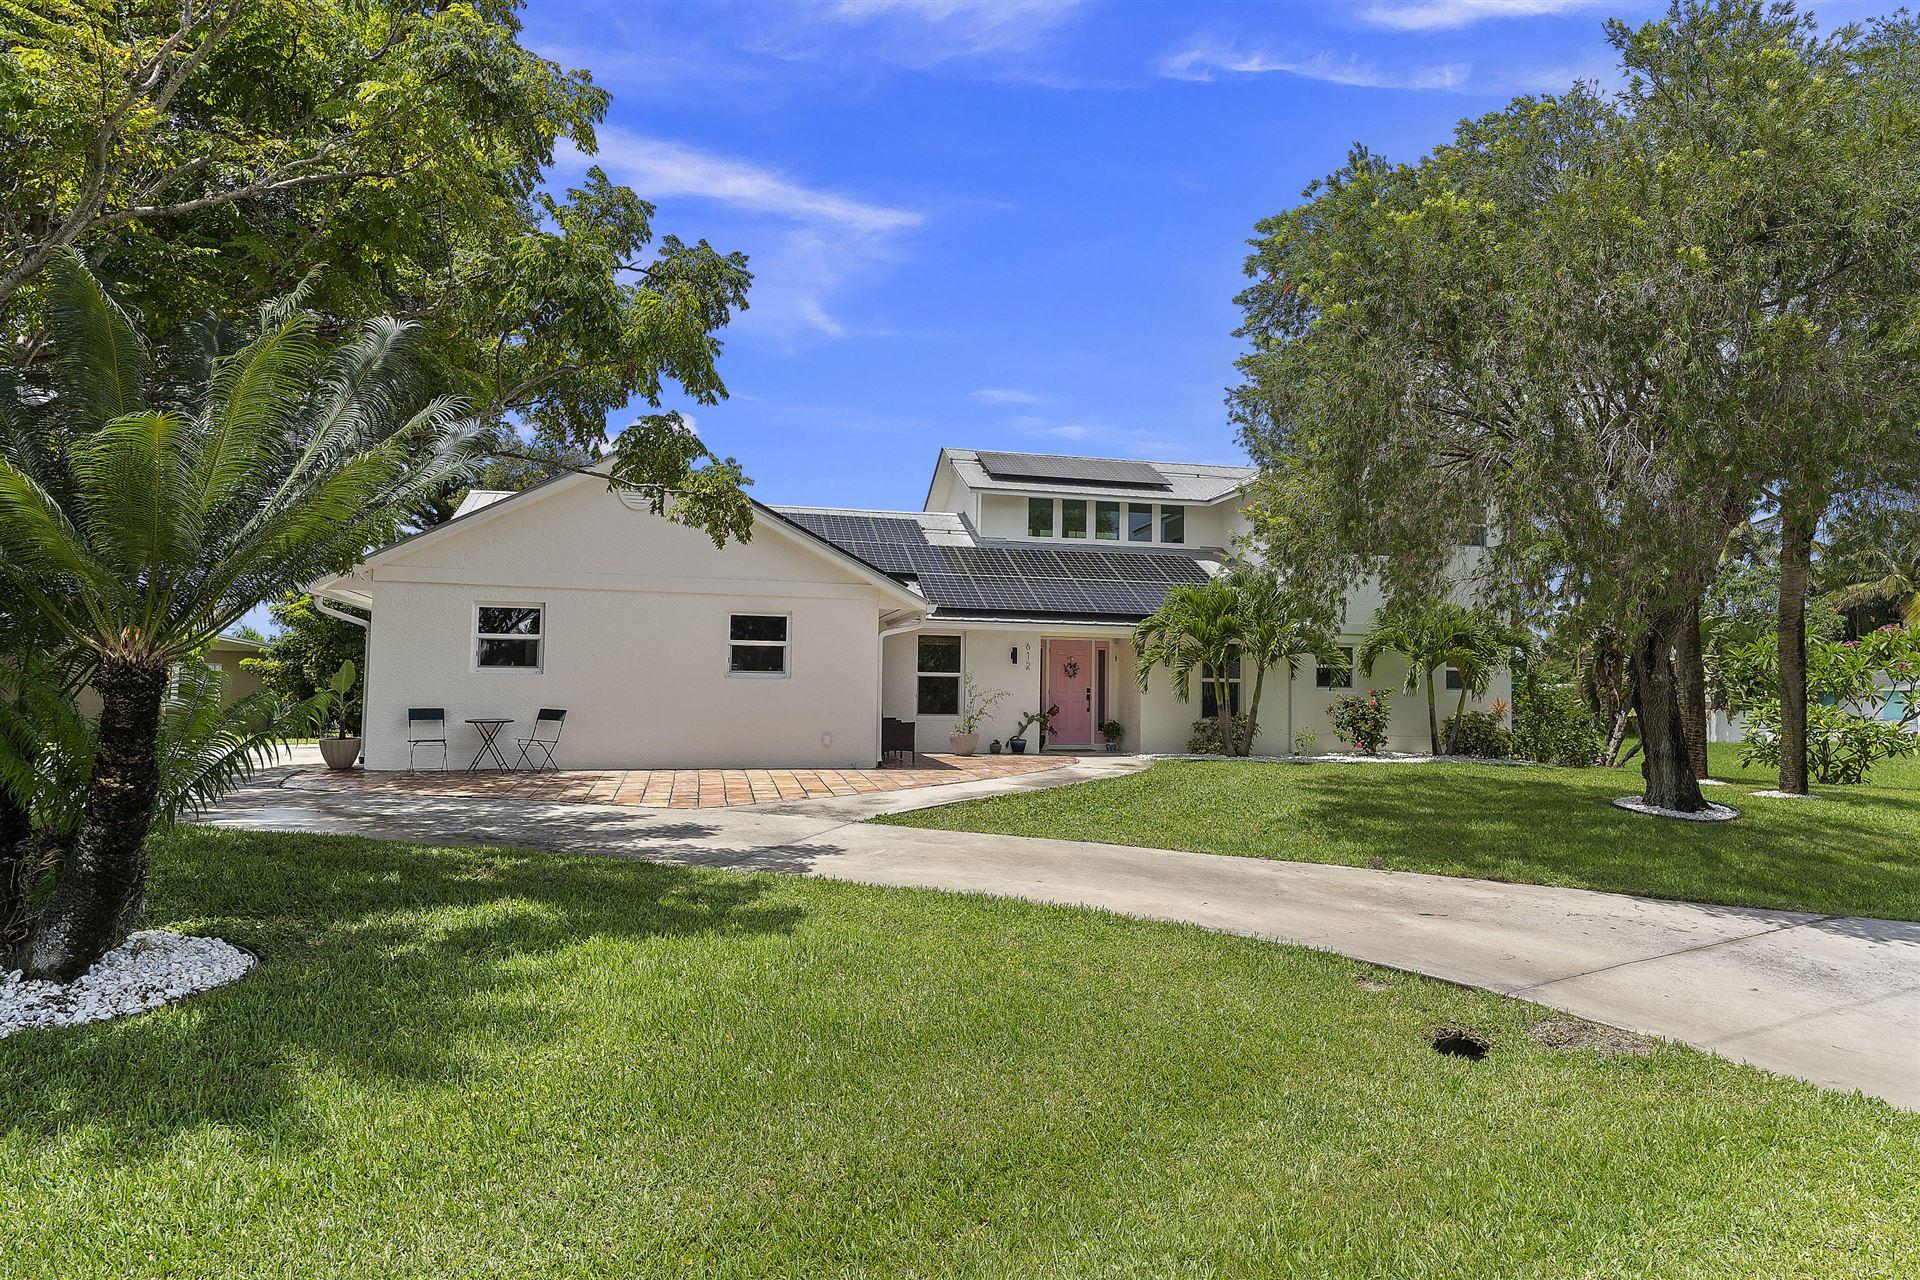 Photo of 612 Tradewinds Avenue, Fort Pierce, FL 34949 (MLS # RX-10727975)